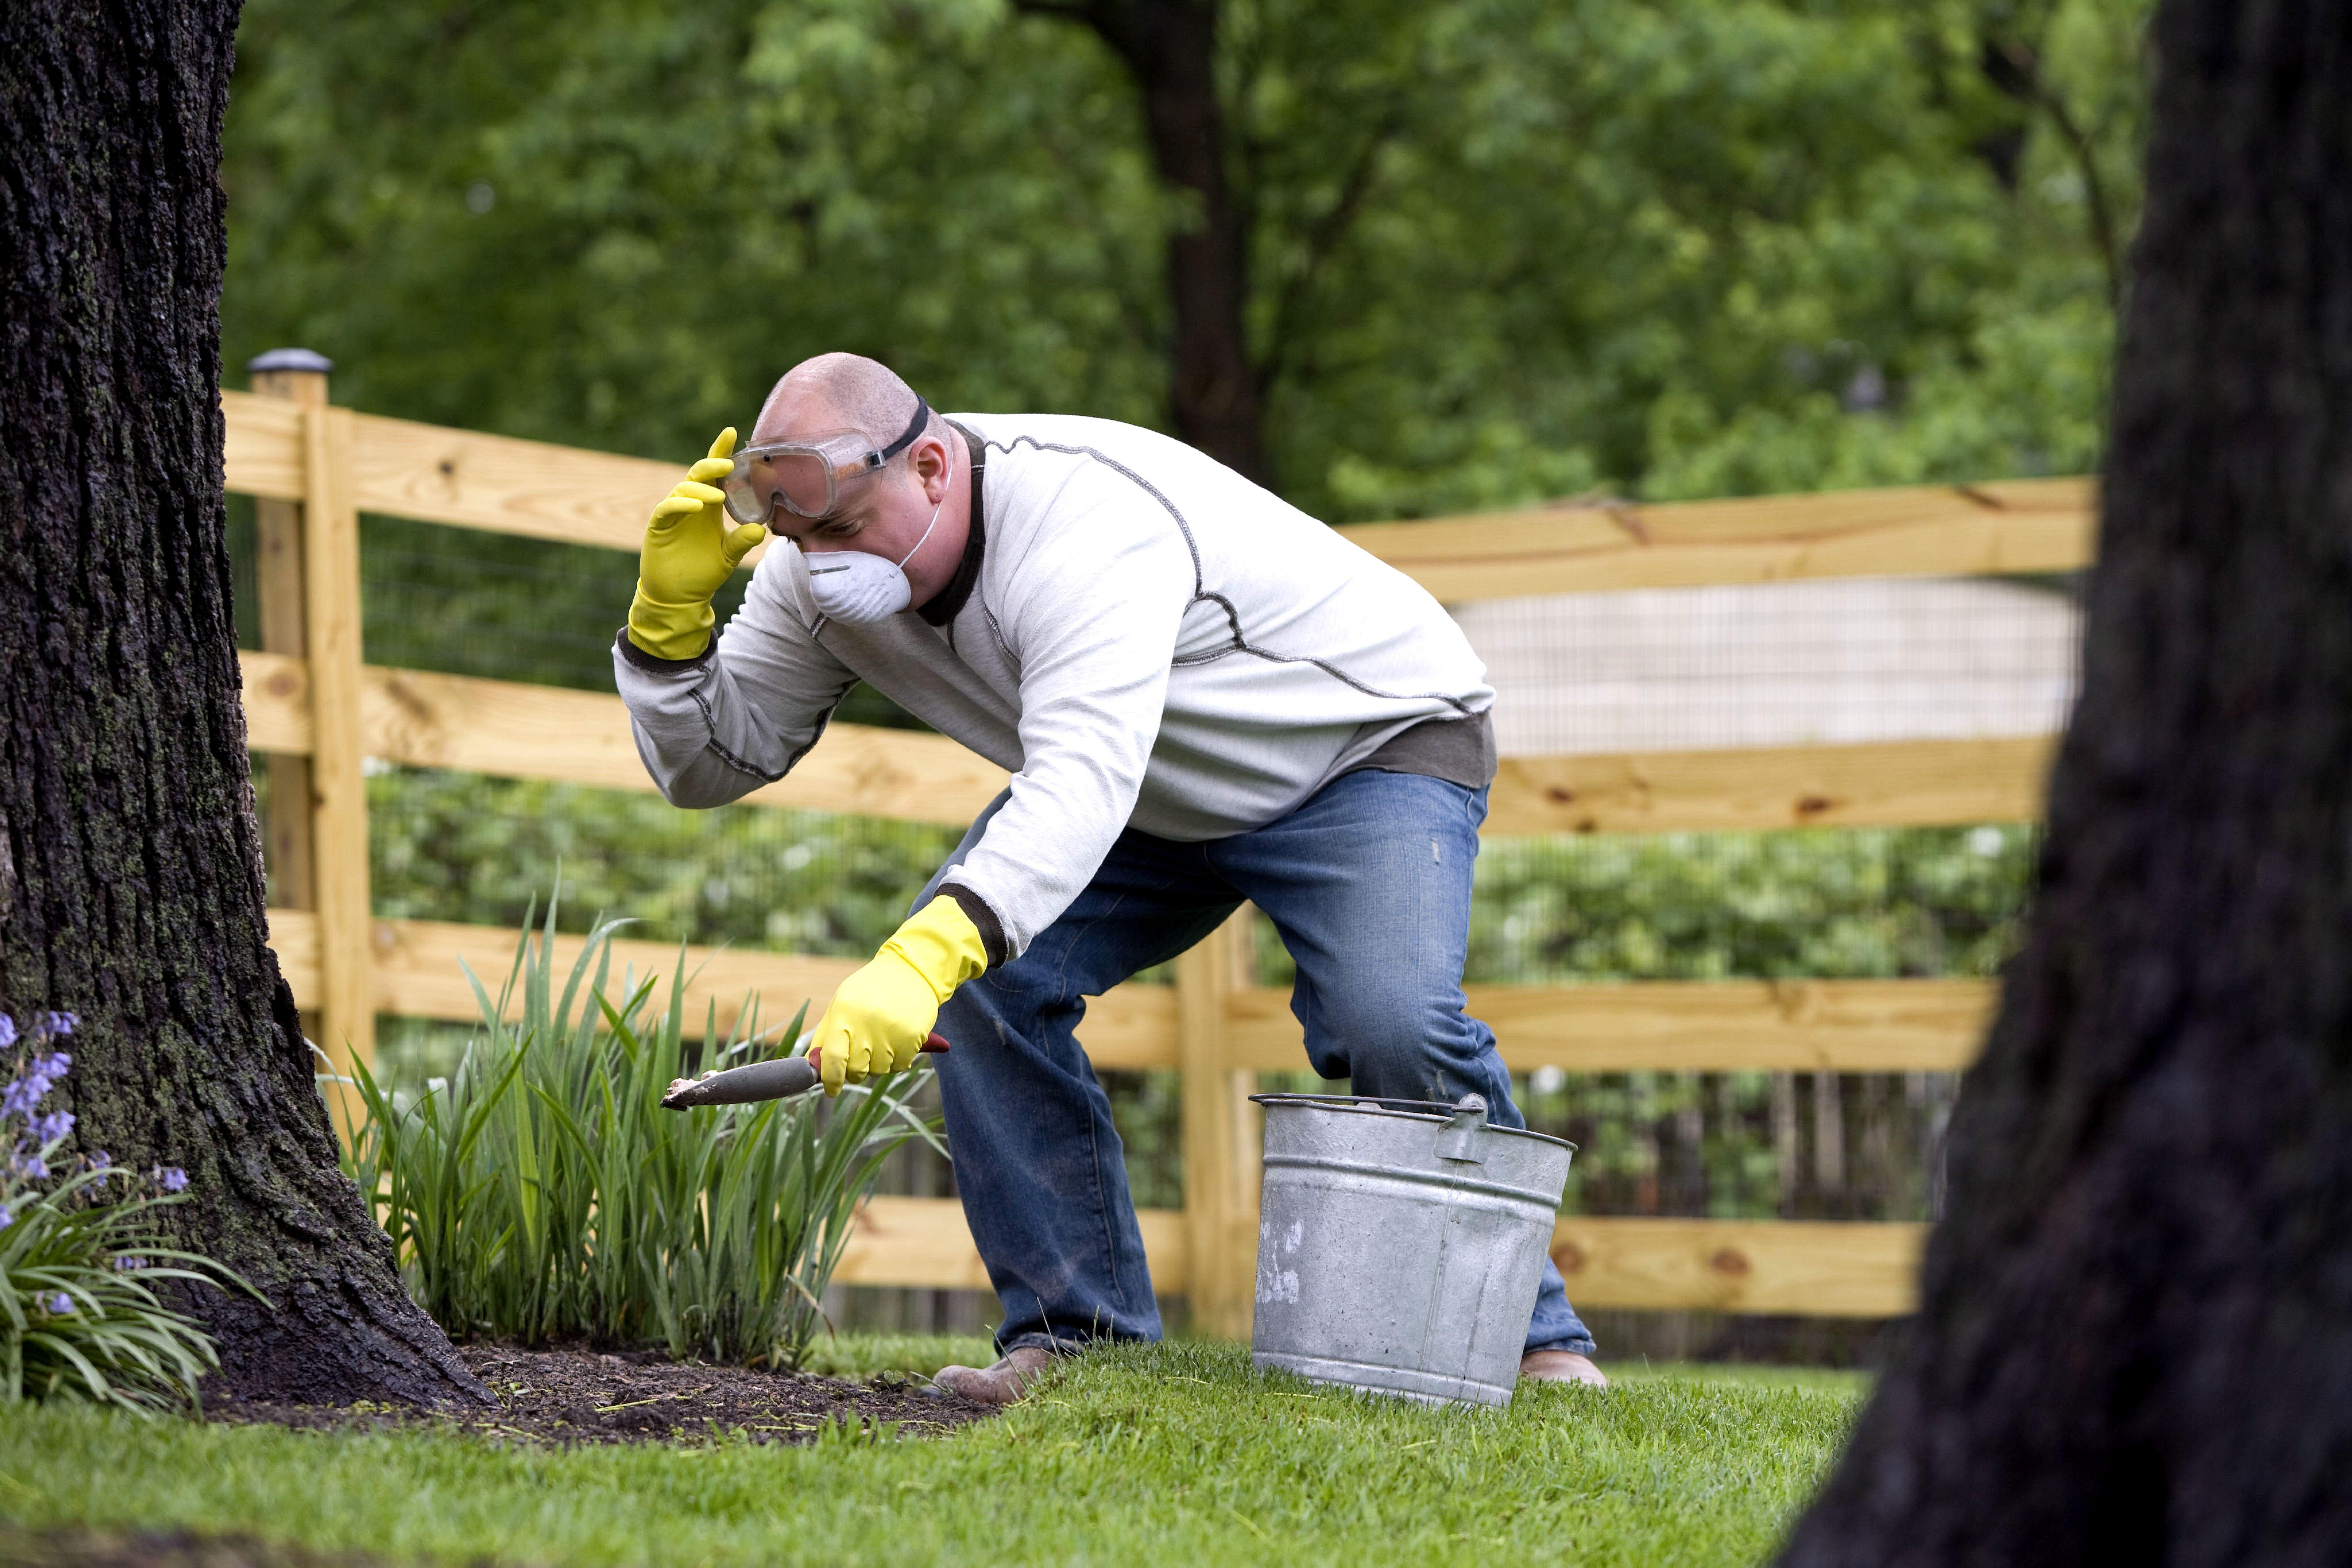 Strumenti da giardinaggio guida alla scelta - Guida giardinaggio ...